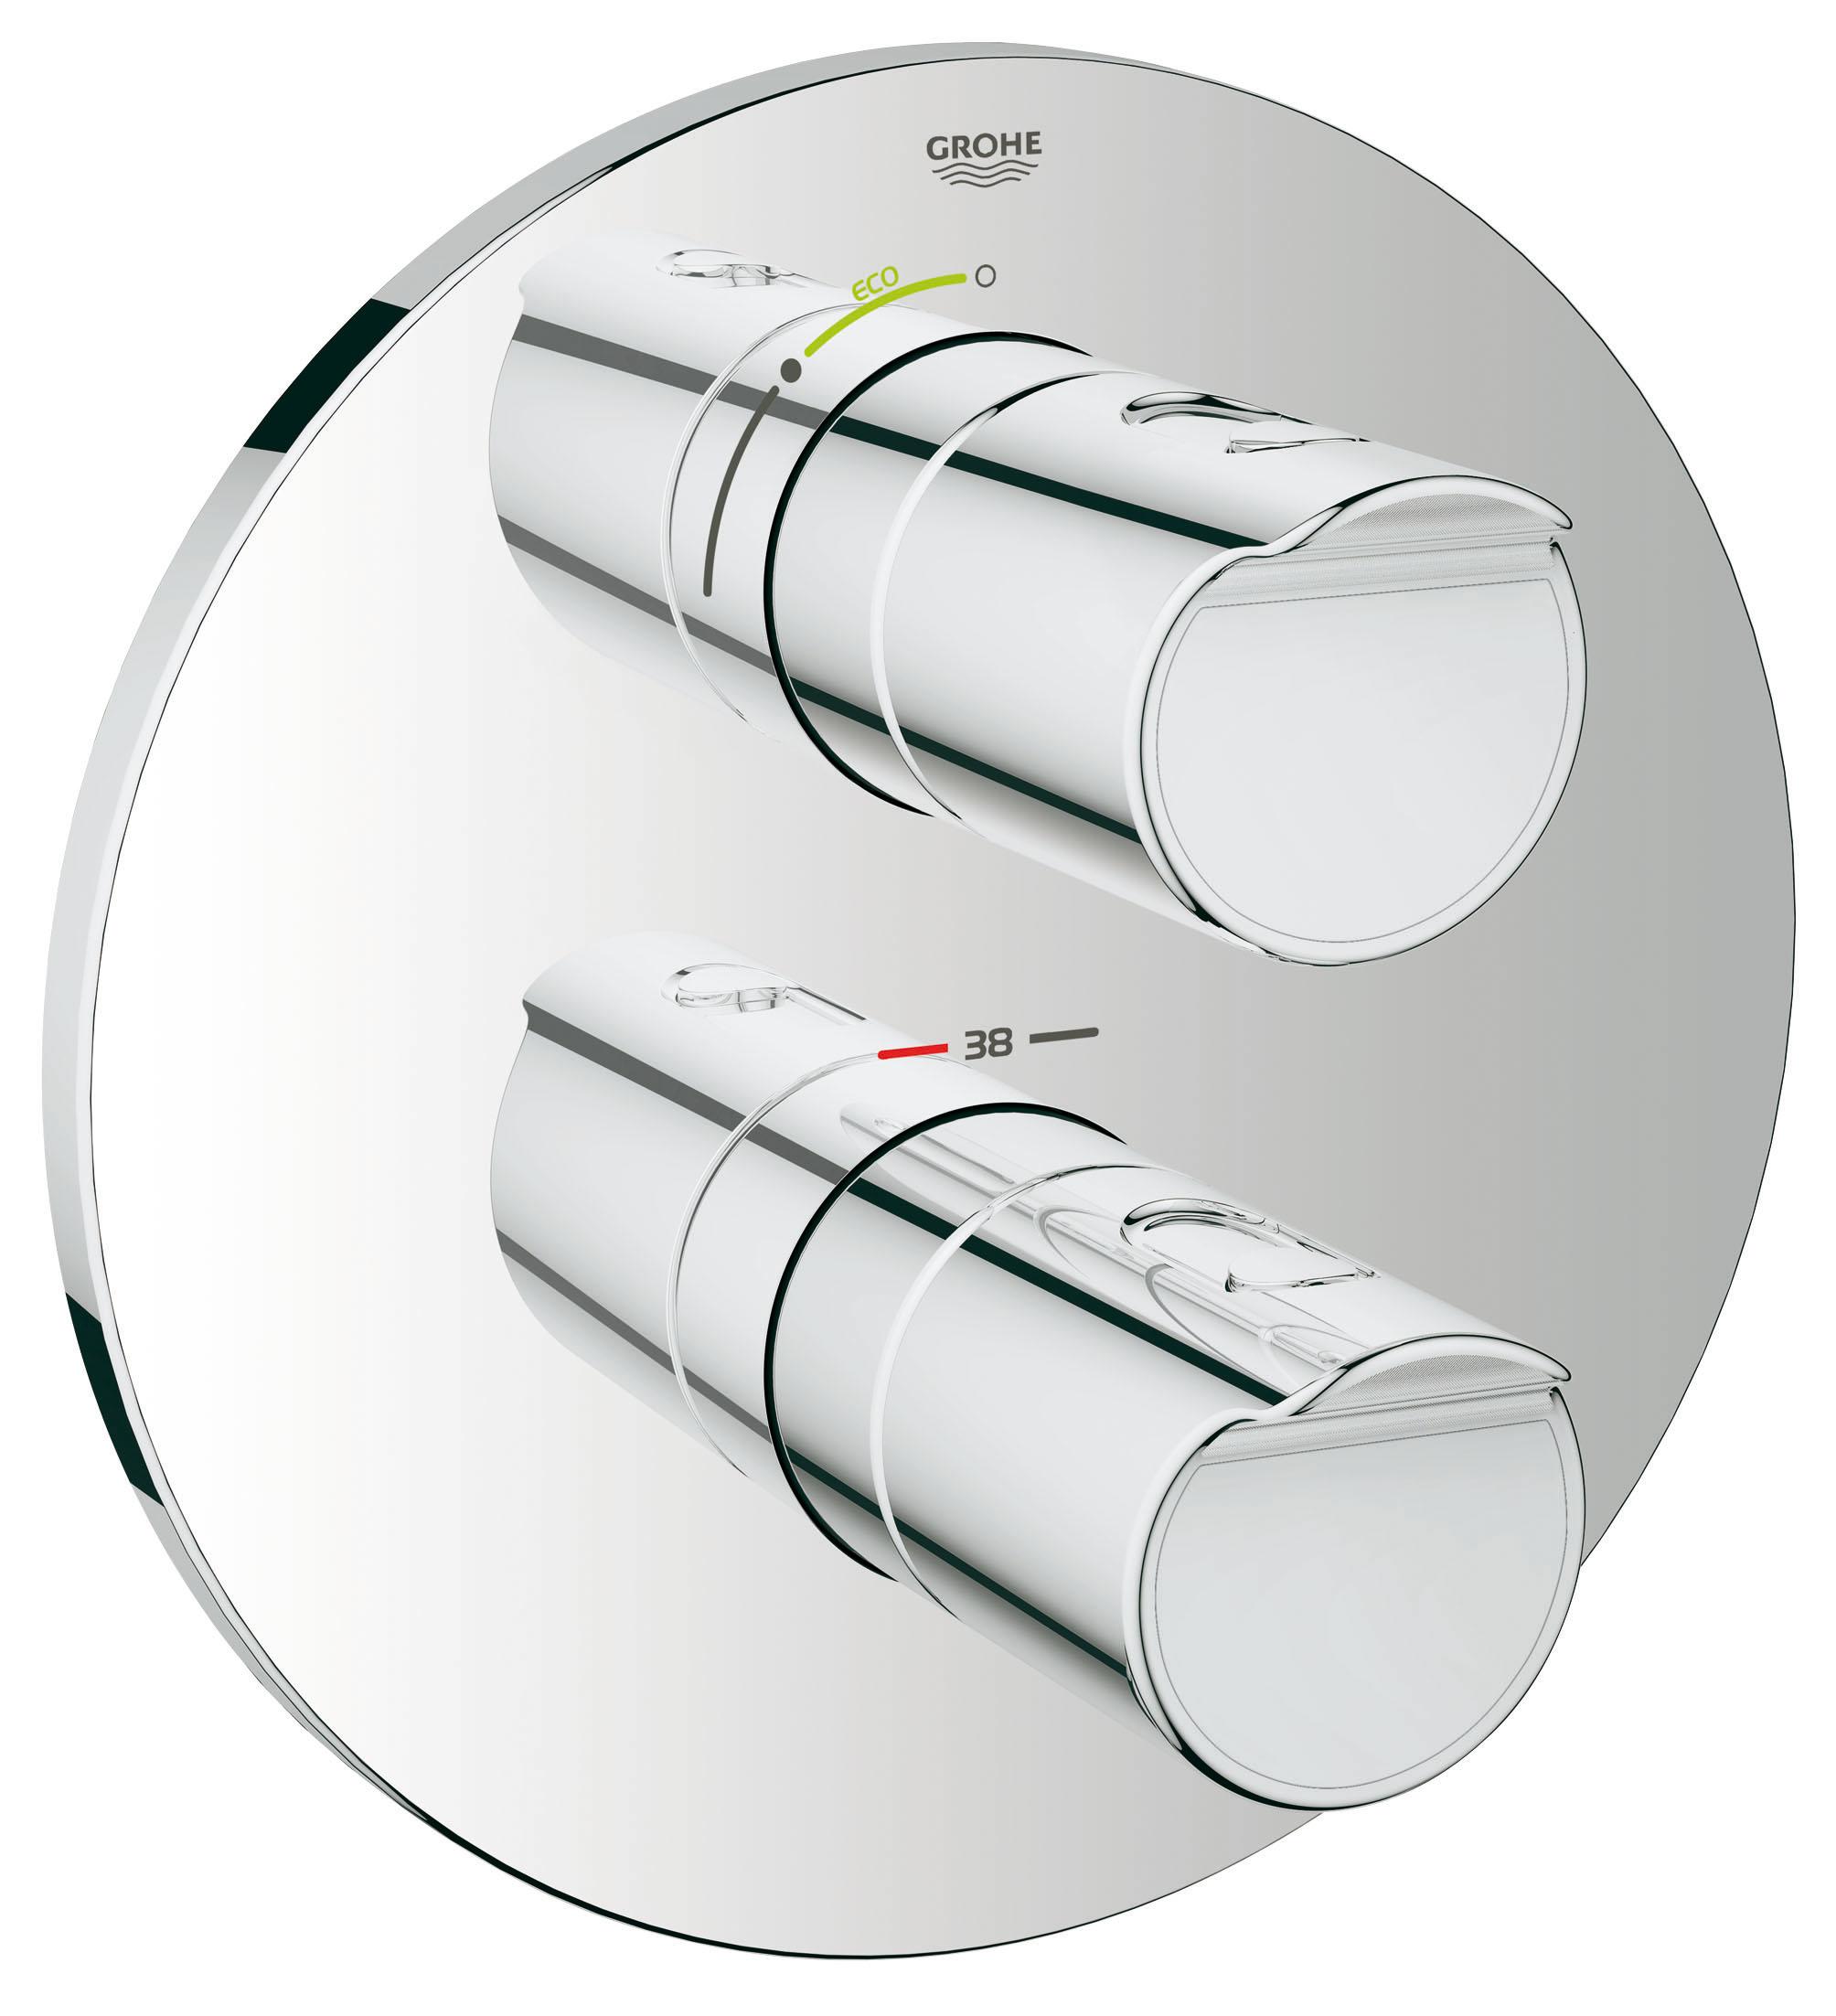 Термостатический смеситель для душа GROHE Grohtherm 2000 (внешняя панель для арт. 35500000) (19354001)BE59017BW6 MIКомплект верхней монтажной части для GROHE Rapido T 35 500 000 Без встраиваемого механизма GROHE StarLight хромированная поверхностьСтопор безопасности при 38°C Рукоятка расхода с экономичной кнопкой GROHE EcoButtonИ индивидуально устанавливаемым стопором Carbodur керамический вентиль 1/2?, 180° С настенными розетками GROHE QuickFix ( скрытые эксцентрики, уплотнение, скрытый монтаж)